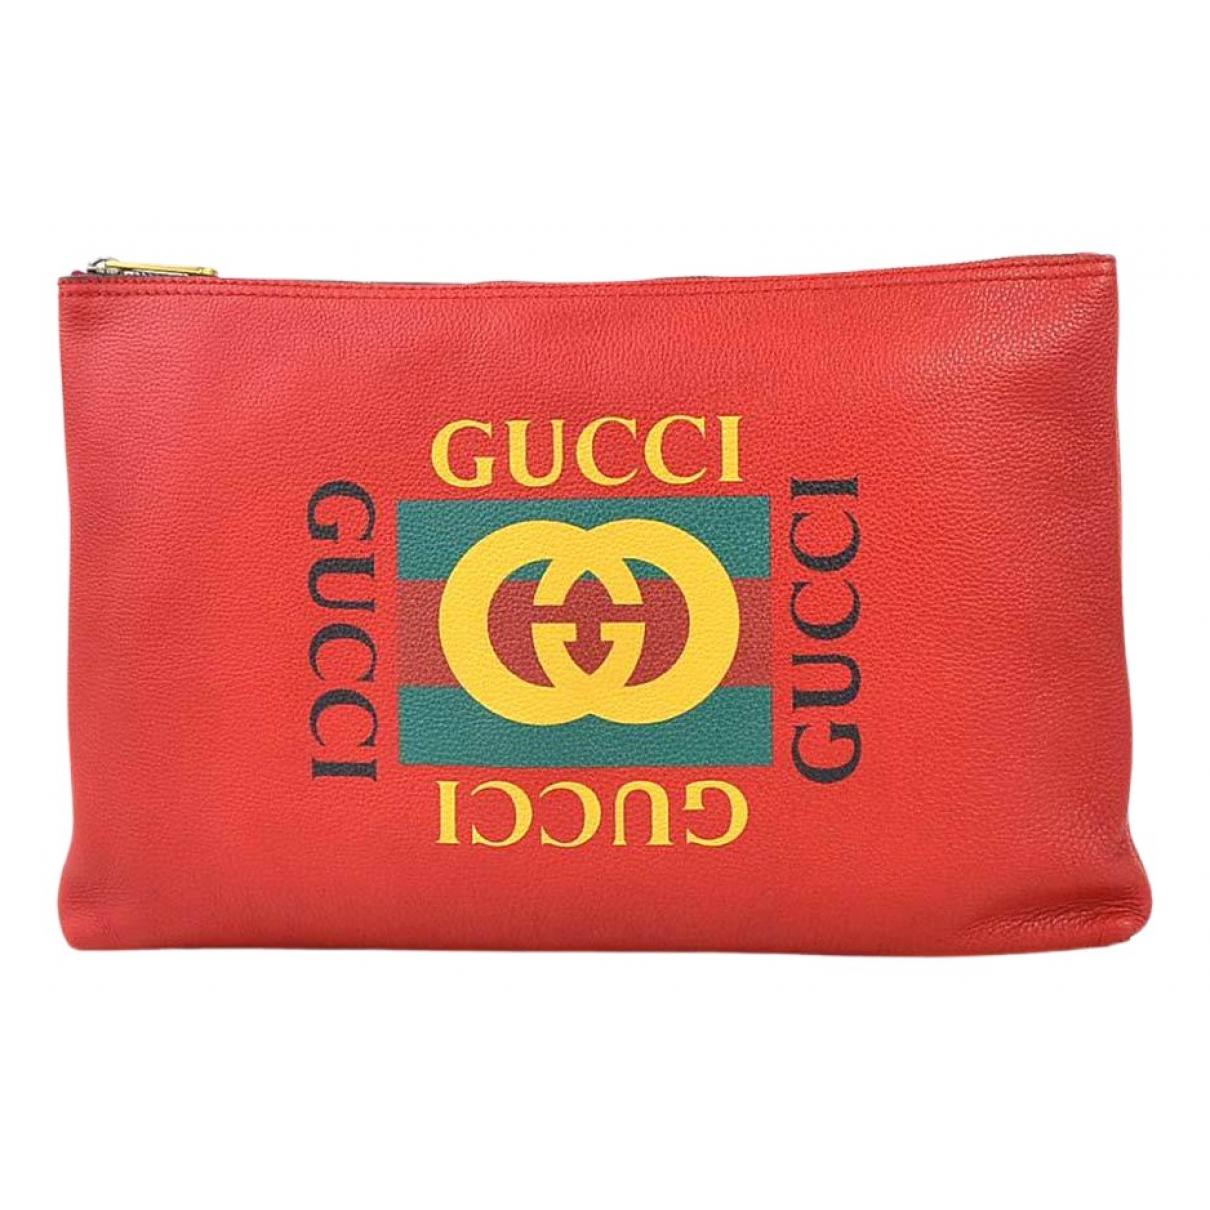 Gucci - Sac   pour homme en cuir - rouge